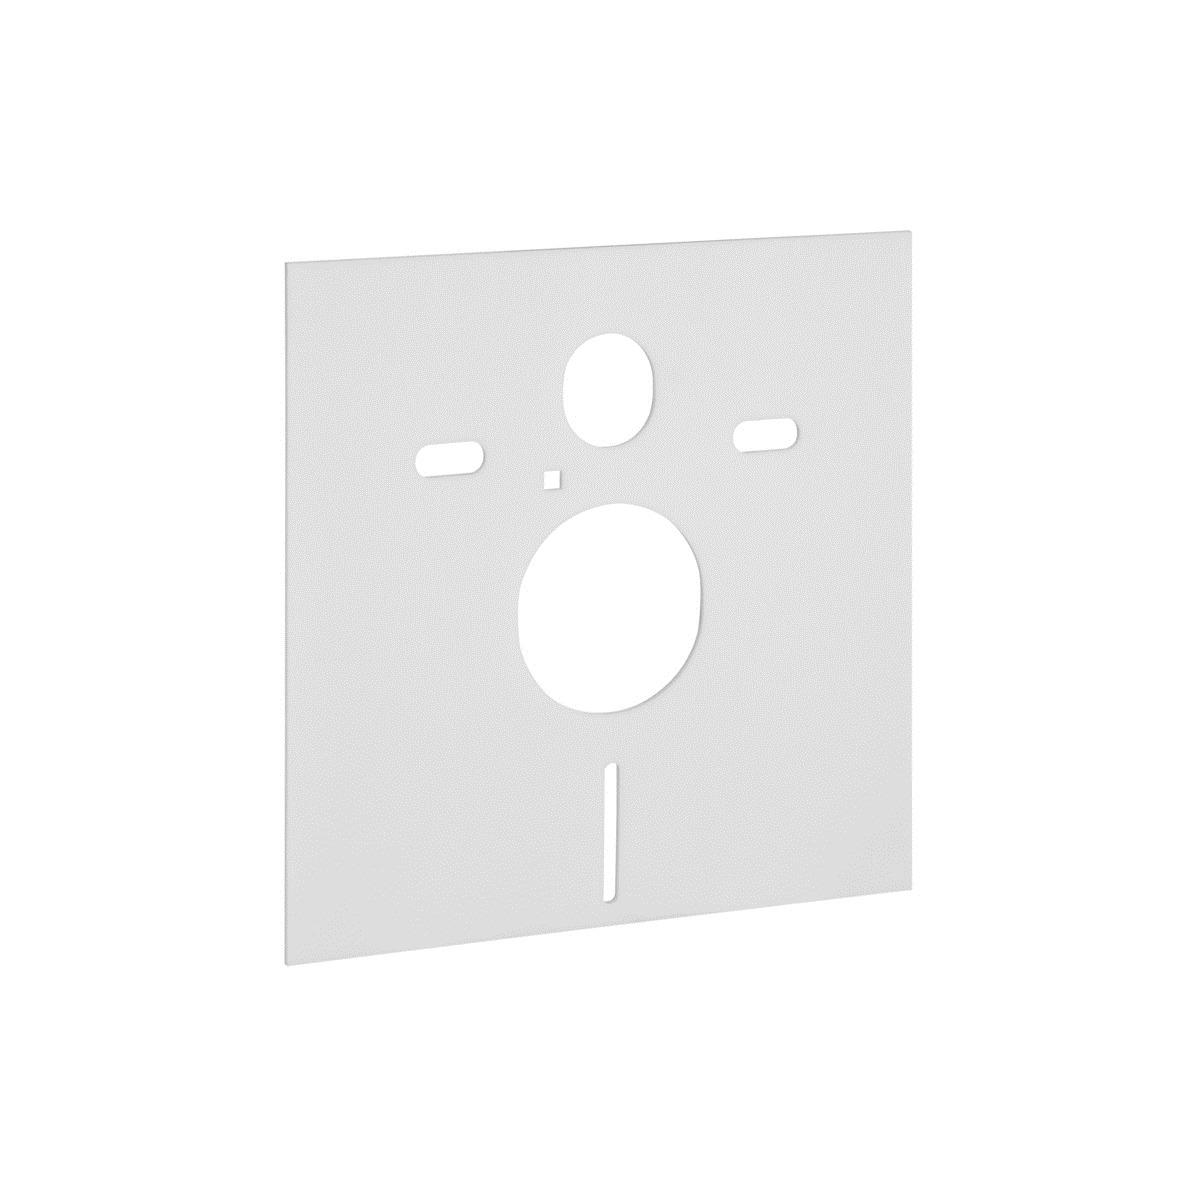 цена на Принадлежность для инсталляции Geberit Duofix, 156.050.00.1, звукоизоляция